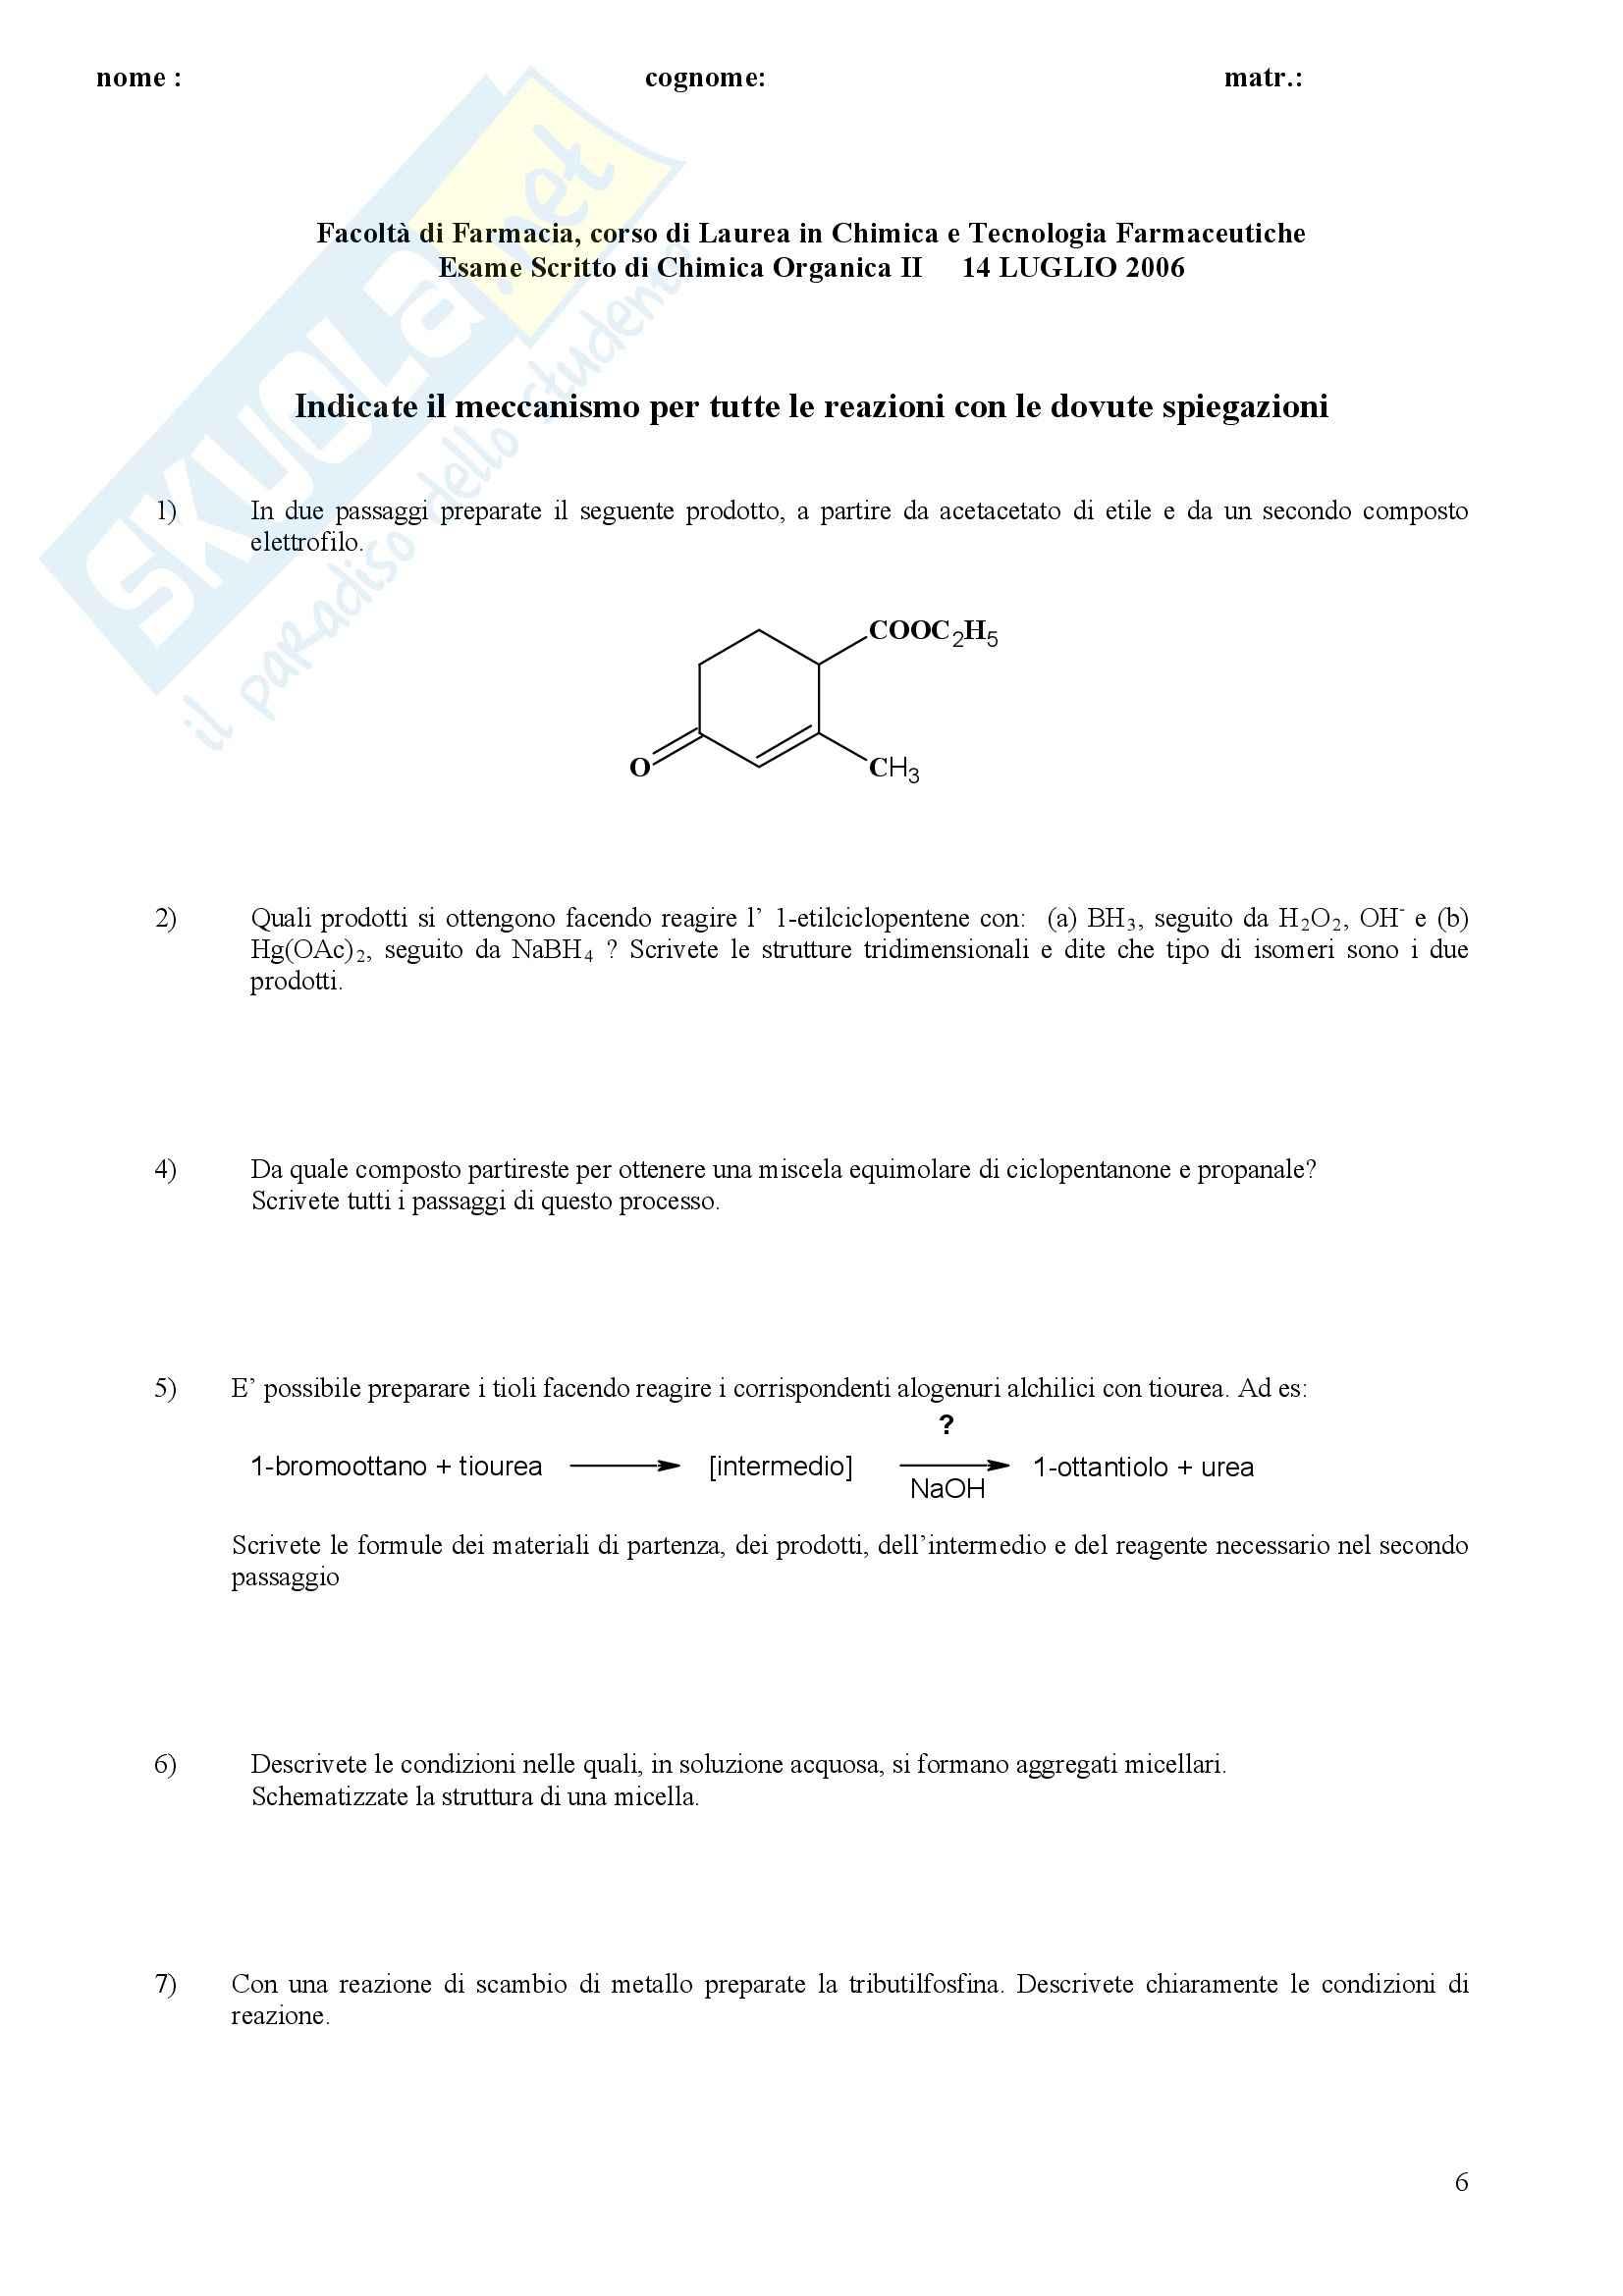 Chimica organica II - Esercizi Pag. 6